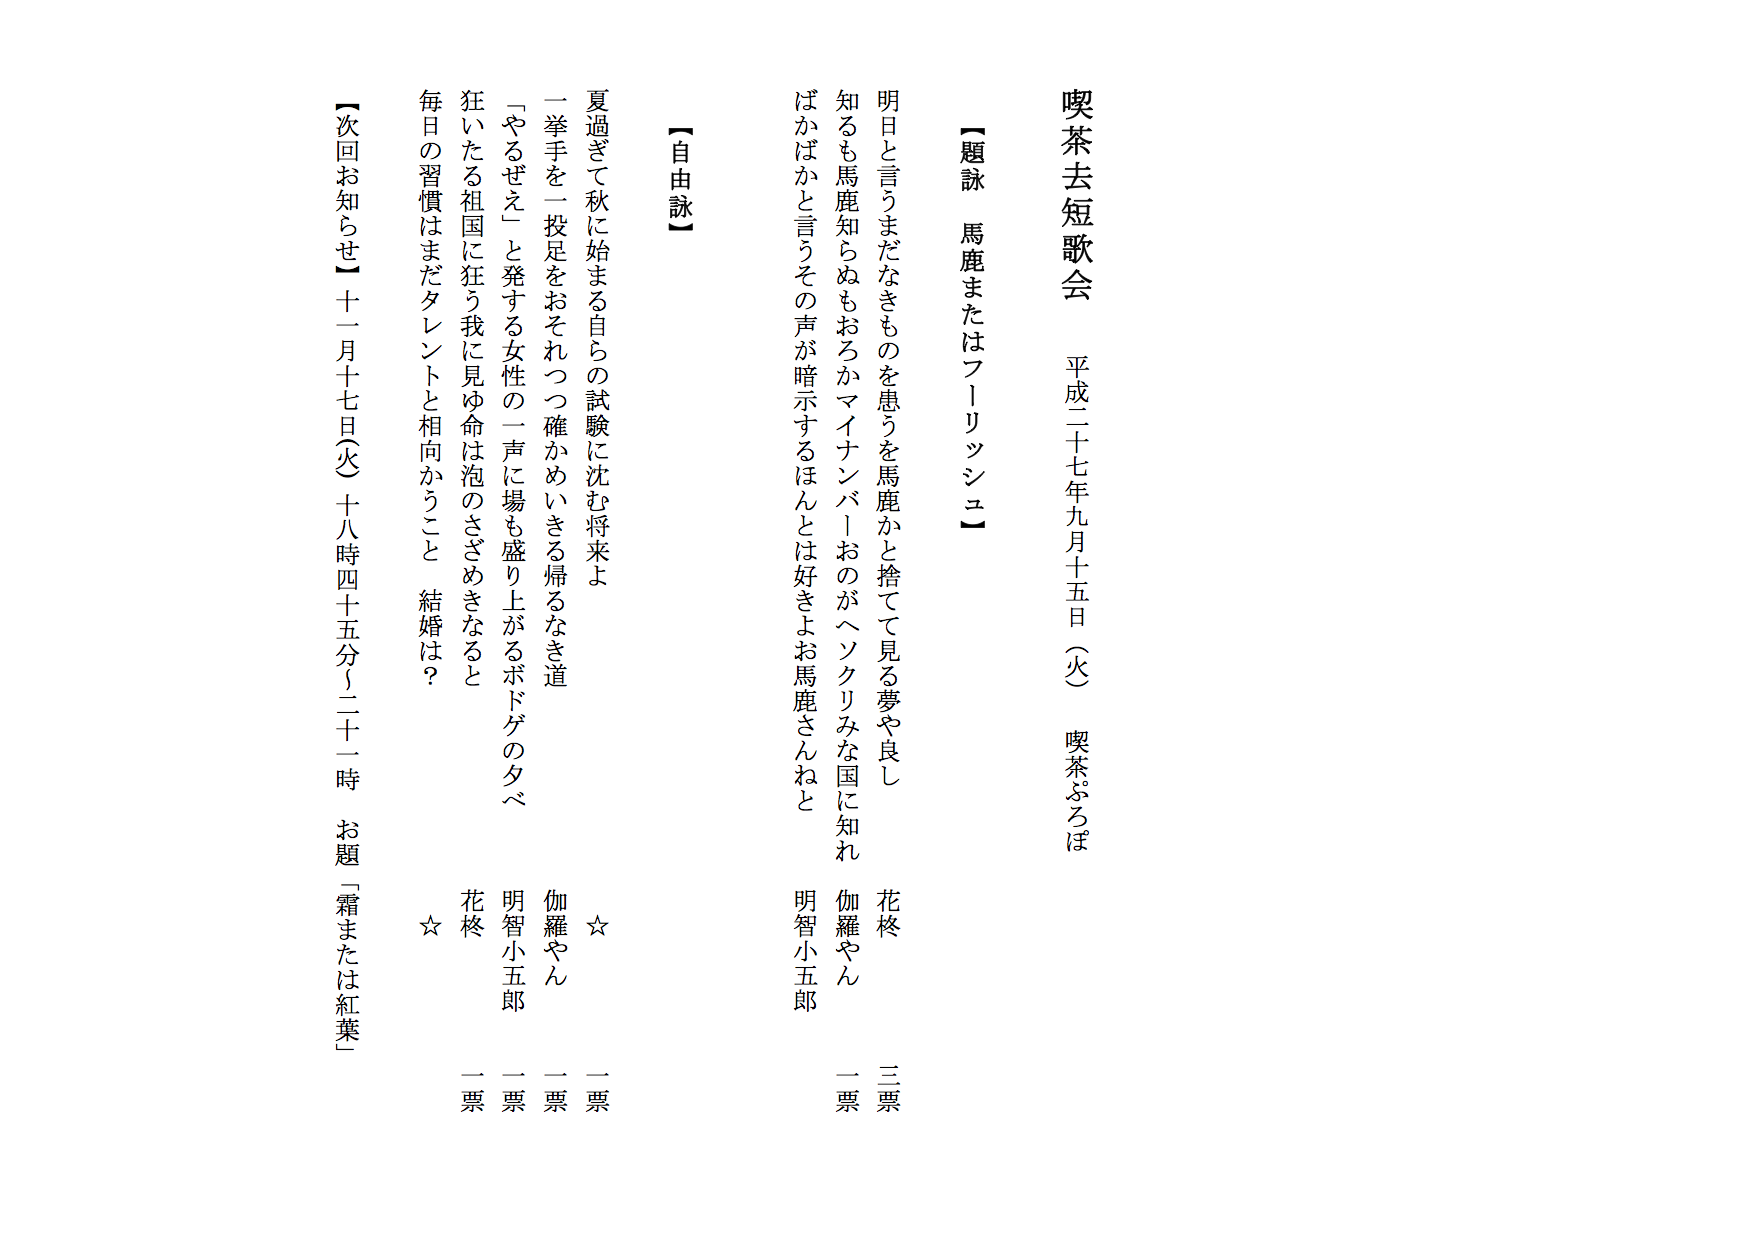 01510 喫茶去短歌会  平成二十七年十月二十日(火) 喫茶ぷろぽ